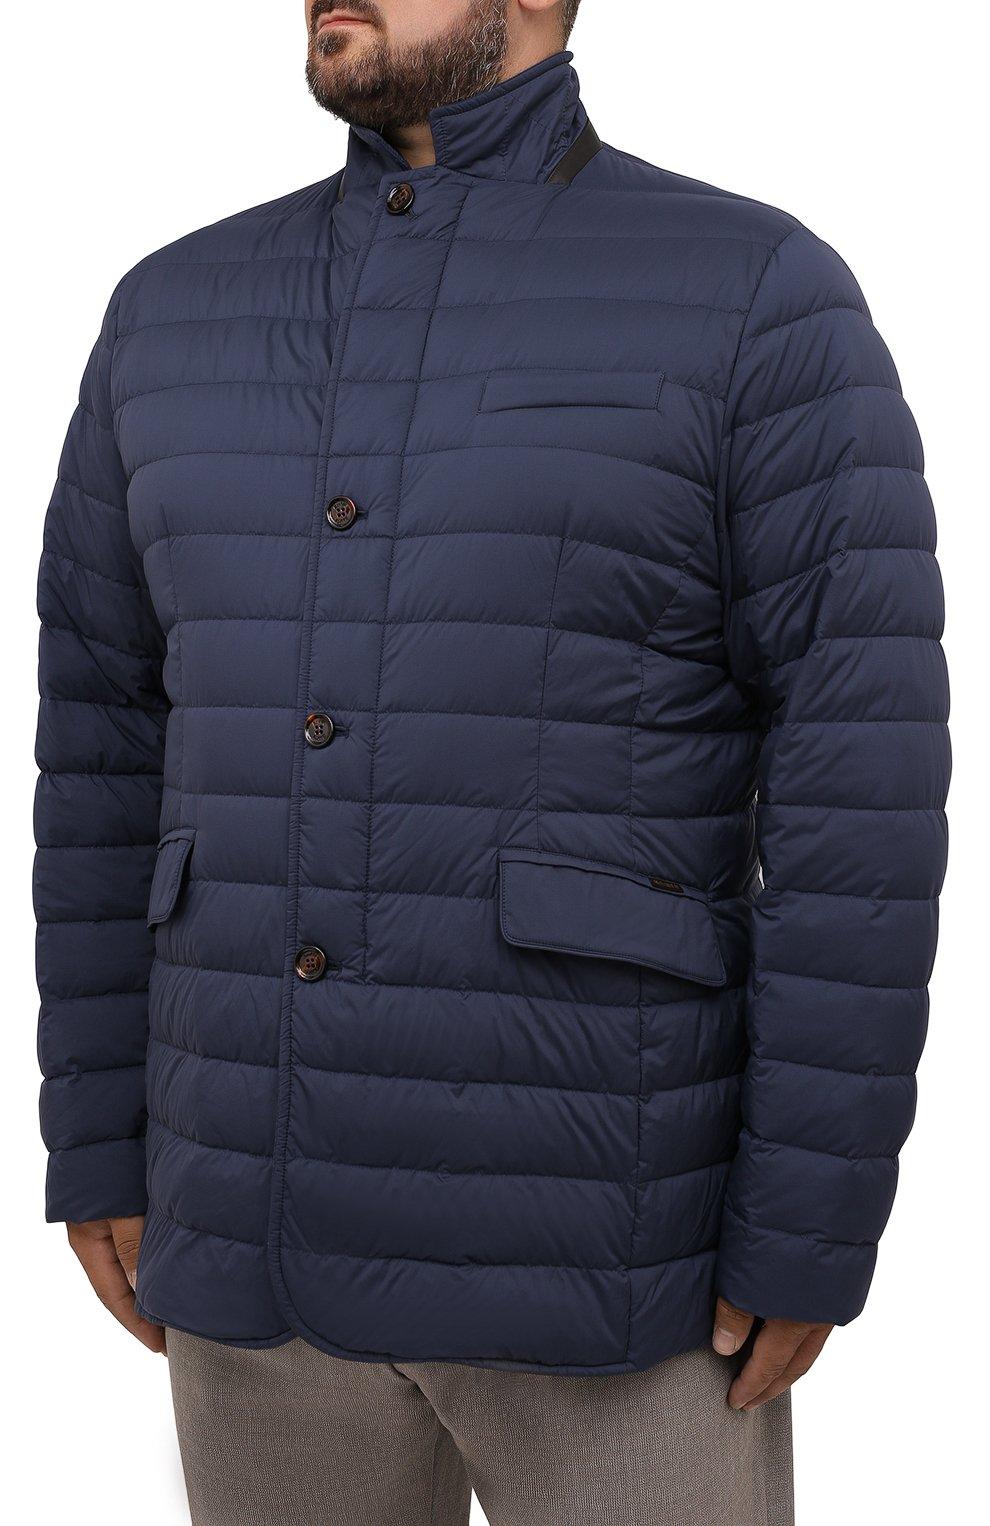 Мужская пуховая куртка zavyer-s3 MOORER синего цвета, арт. ZAVYER-S3/M0UGI100071-TEPA028/60-68   Фото 3 (Кросс-КТ: Куртка, Пуховик; Мужское Кросс-КТ: пуховик-короткий; Рукава: Длинные; Длина (верхняя одежда): До середины бедра; Материал внешний: Синтетический материал; Стили: Классический; Материал подклада: Синтетический материал; Материал утеплителя: Пух и перо)